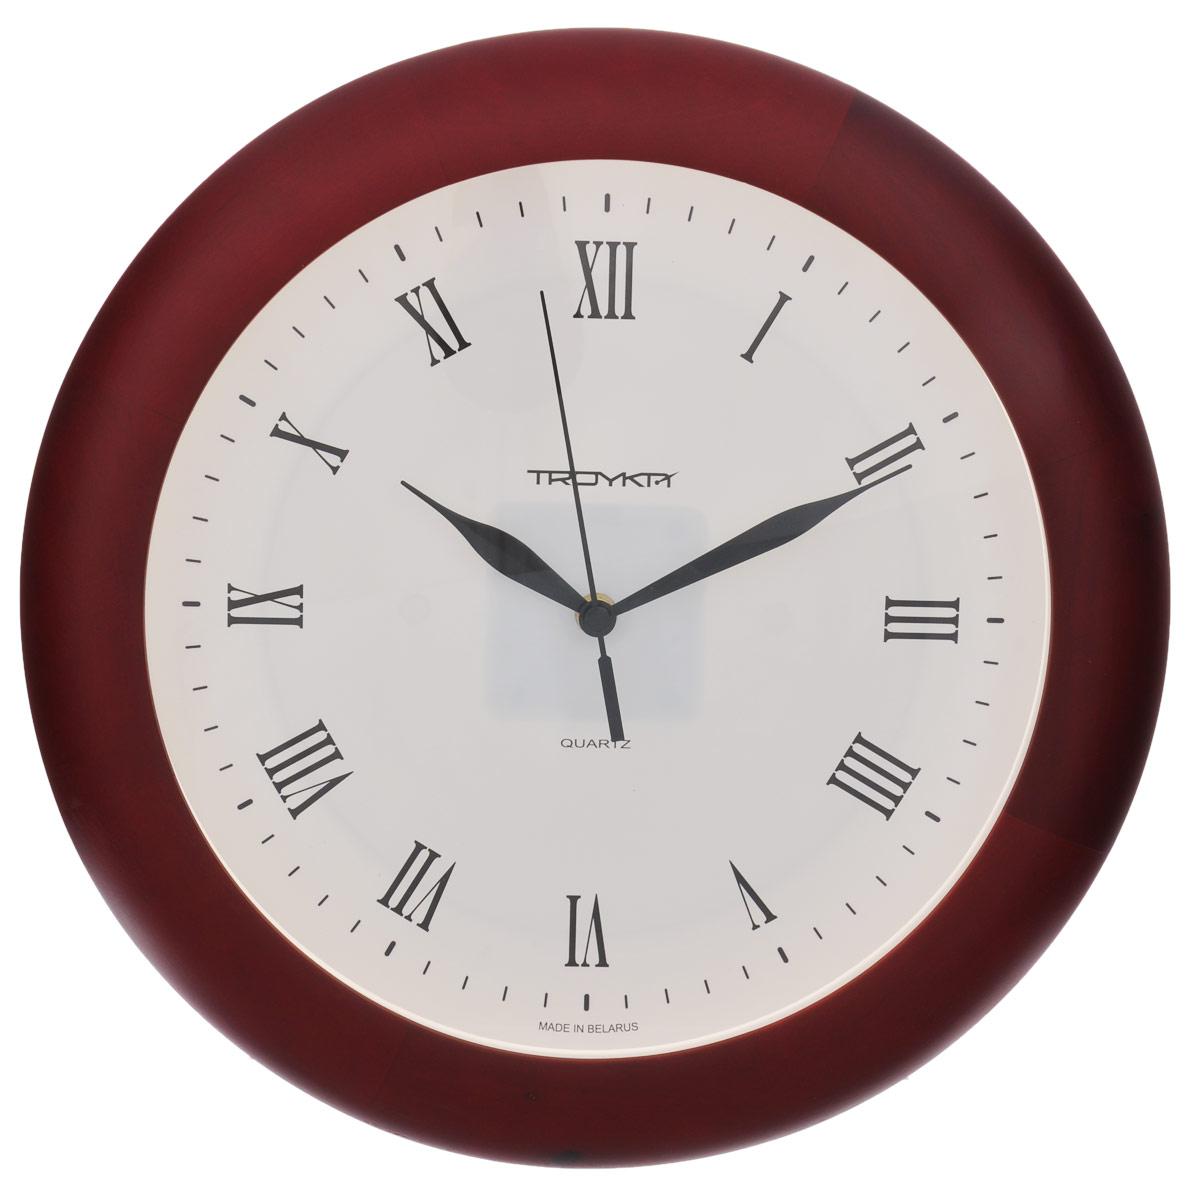 Часы настенные Troyka, цвет: белый, вишневый. 1116211511162115Настенные кварцевые часы с классическим дизайном Troyka, изготовленные из пластика, прекрасно подойдут под интерьер вашего дома. Круглые часы имеют три стрелки: часовую, минутную и секундную, циферблат защищен прозрачным пластиком. Диаметр часов: 30 см. Часы работают от 1 батарейки типа АА напряжением 1,5 В (входит в комплект).